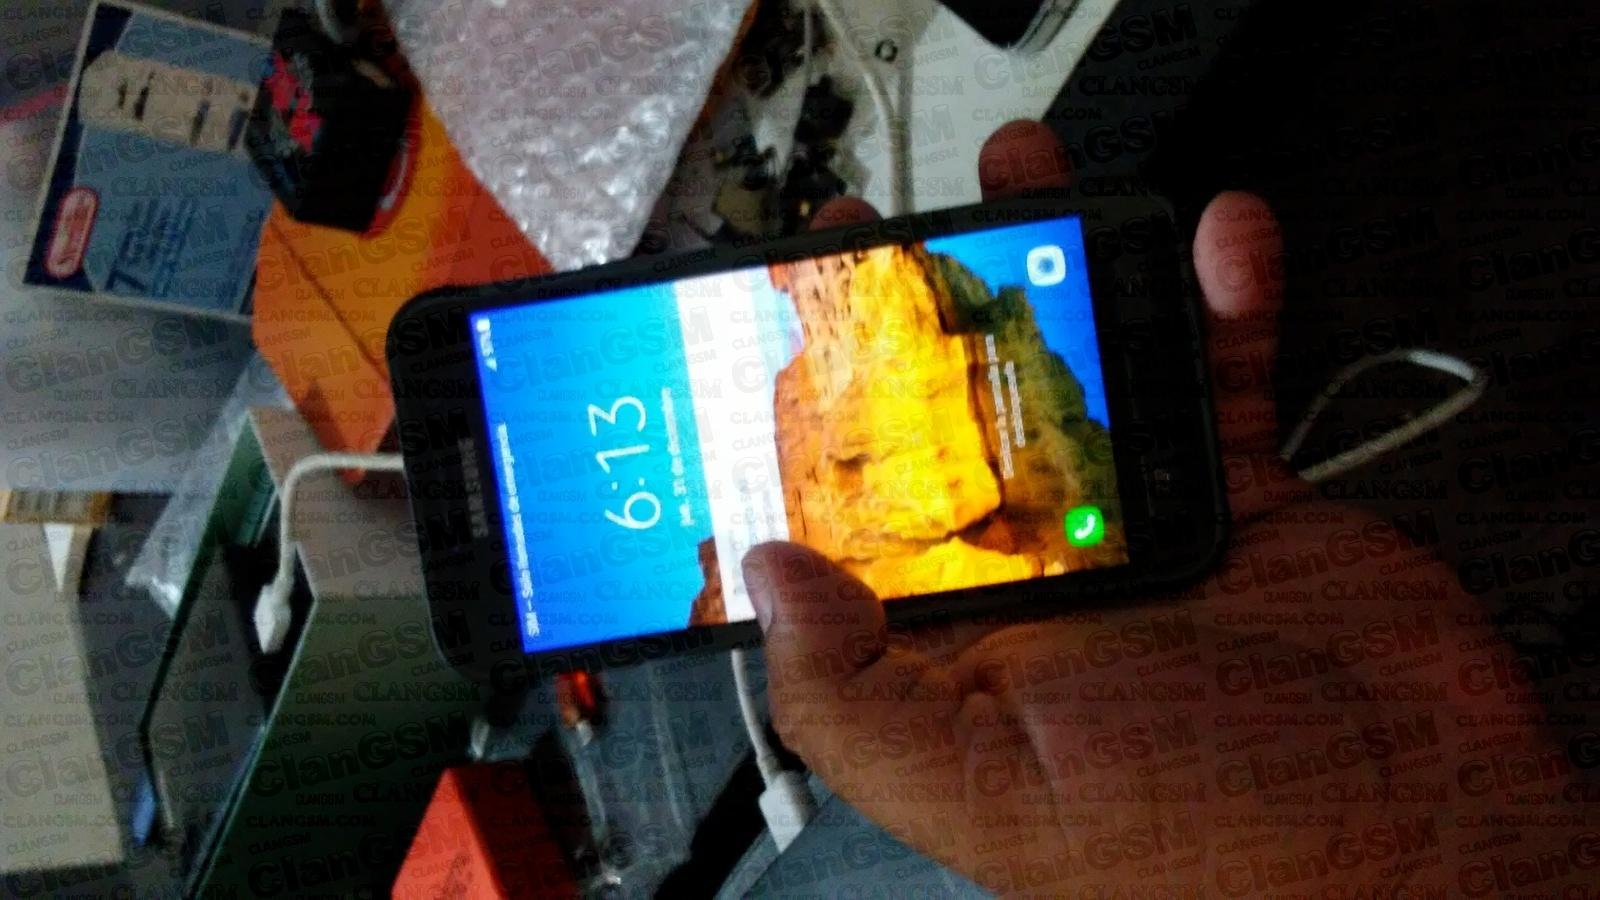 Elimina Cuenta Google Frp Samsun S7 Active G891a 100% Y Facil - Clan